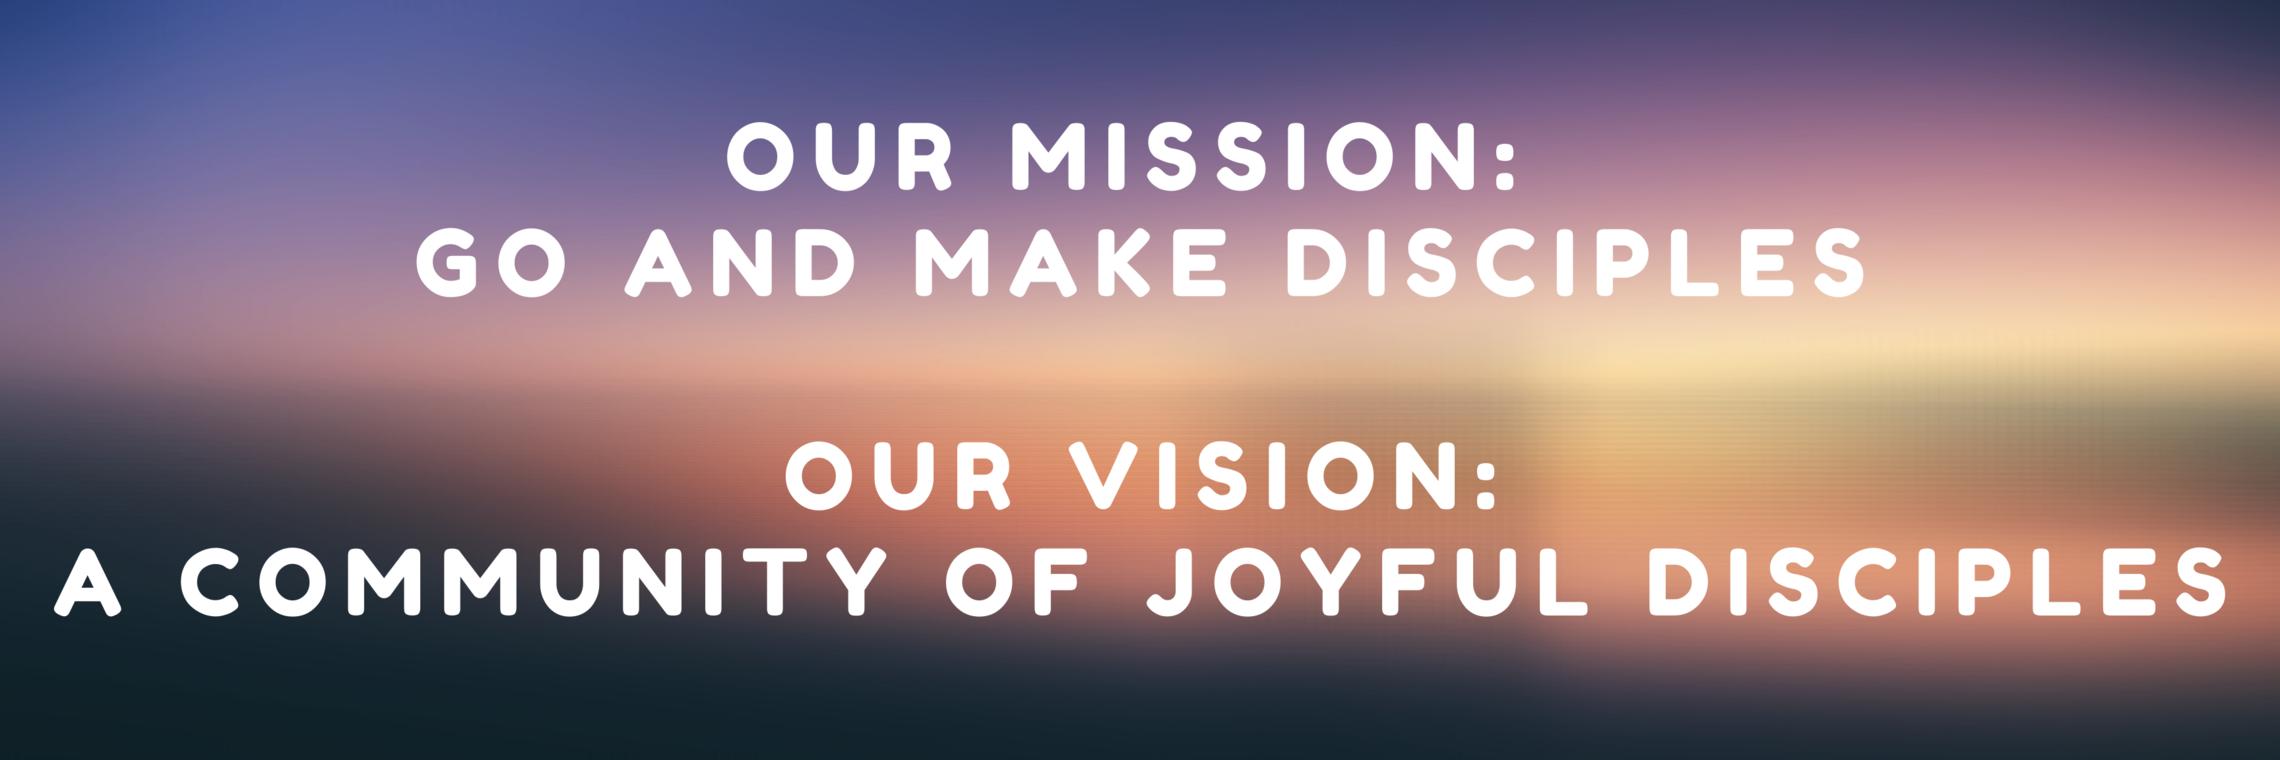 Mission & Vision Banner